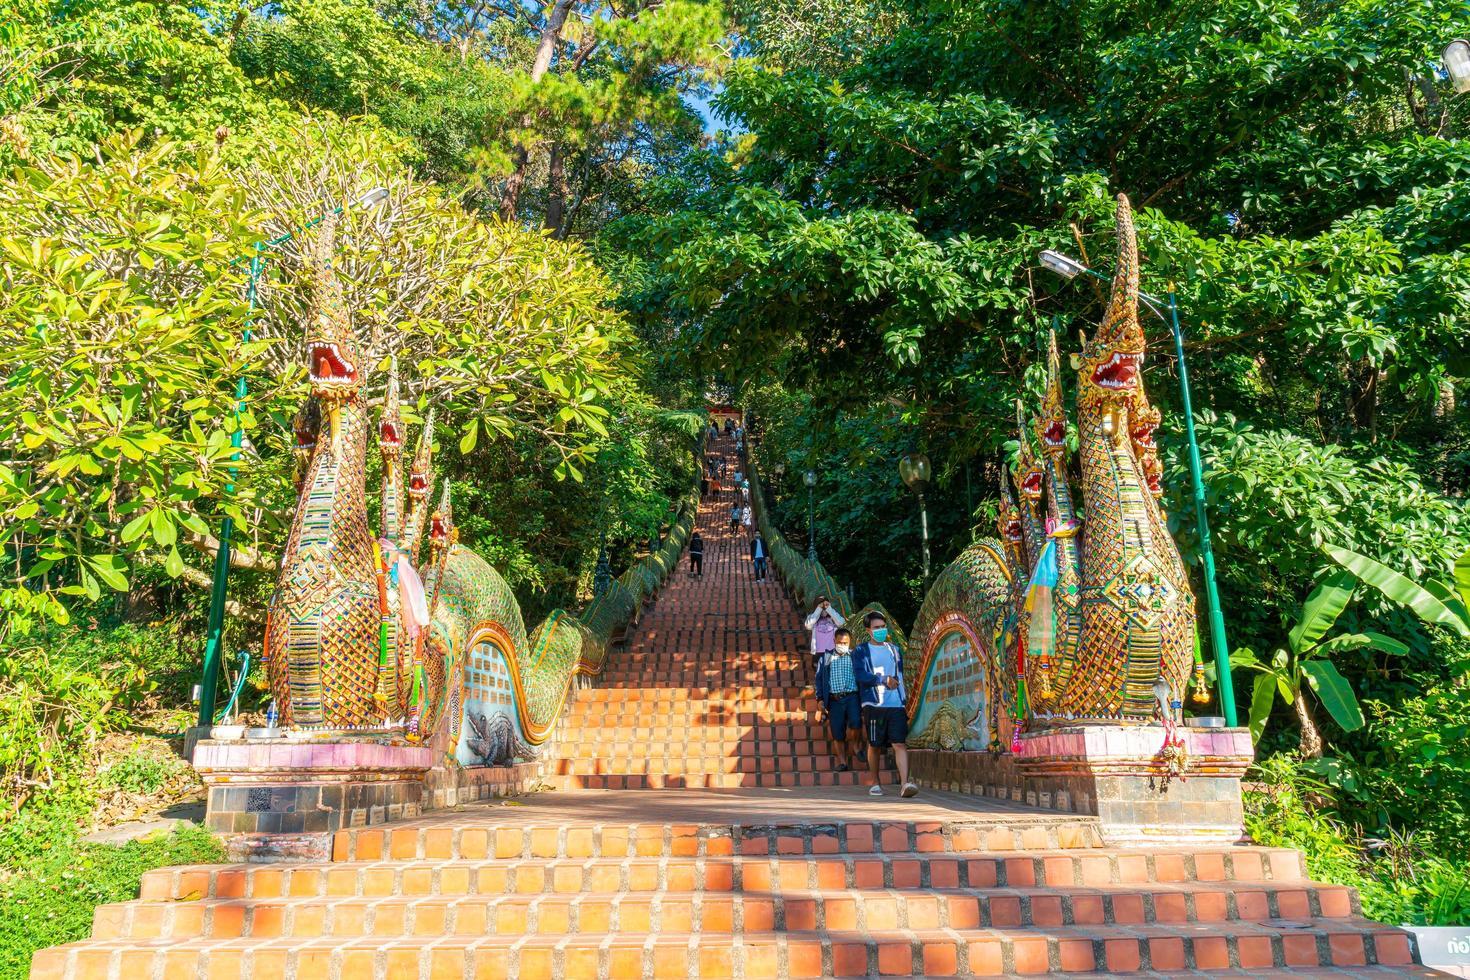 chiang mai, thailandia - 8 dicembre 2020 - monte d'oro al tempio di wat phra that doi suthep. foto